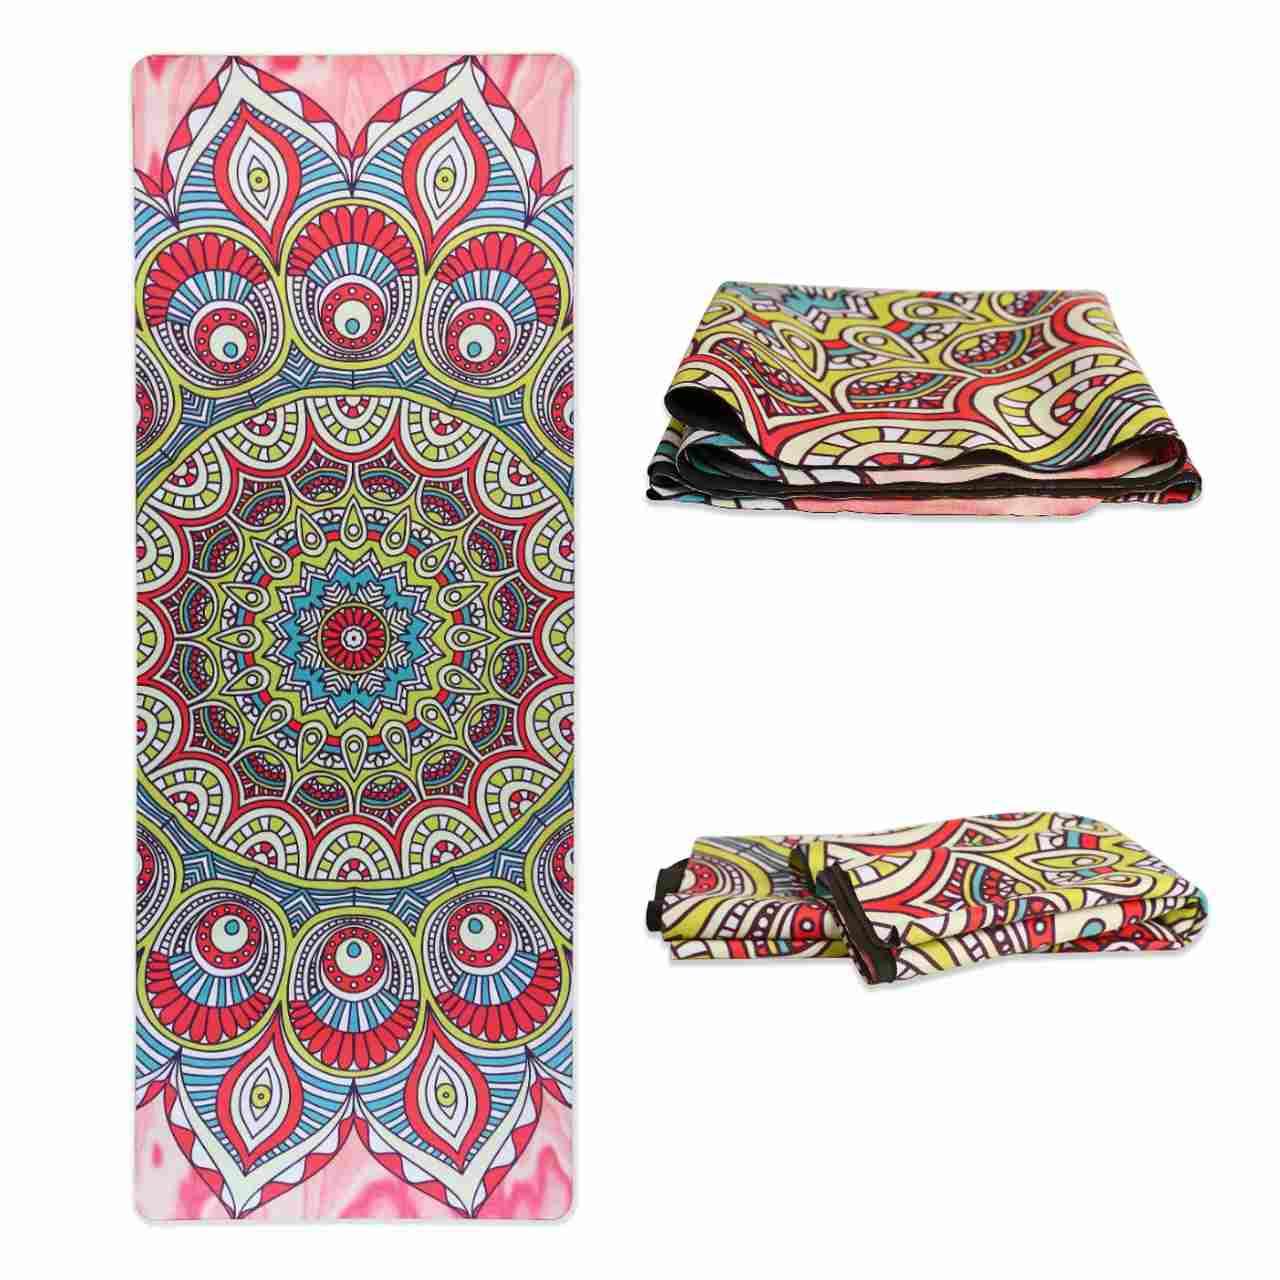 Tapete Yoga Dobrável Viagem Mandala Vibrações - Aveludado + Borracha Natural 1,5mm